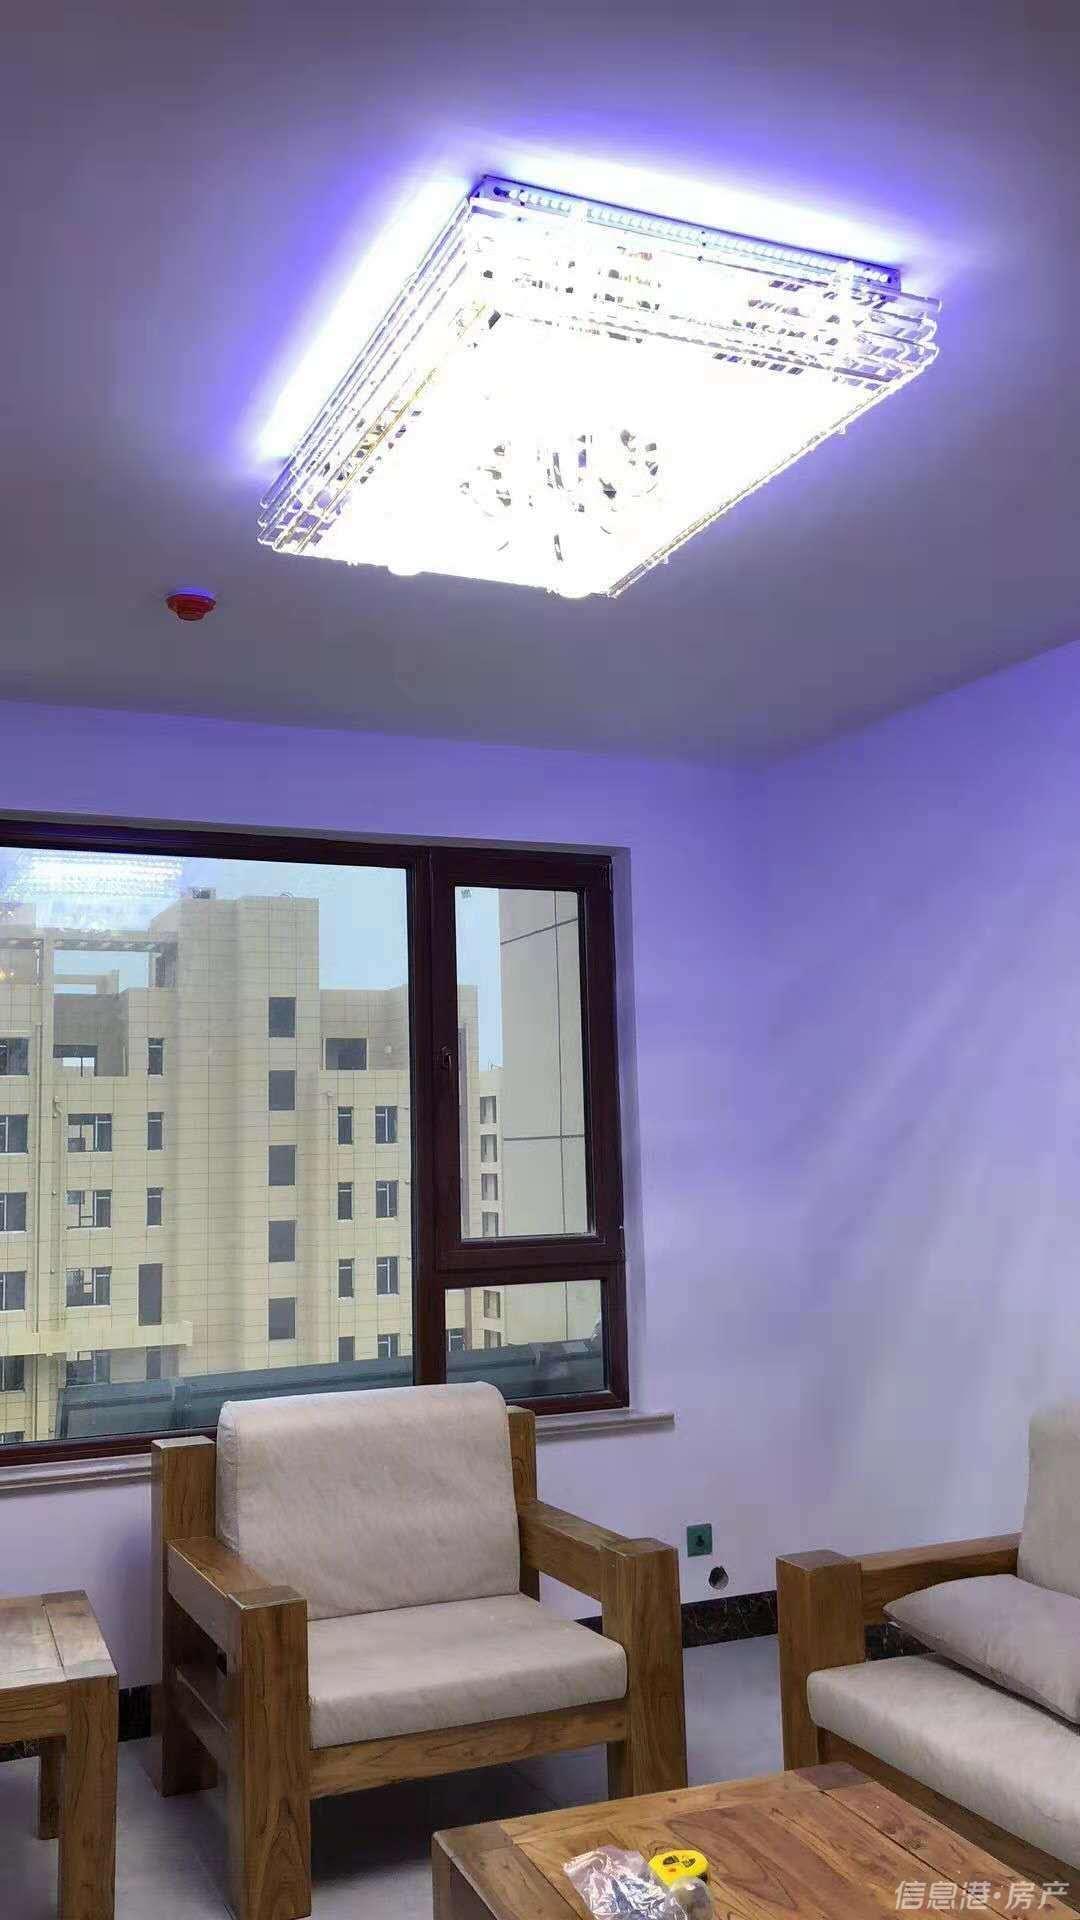 出租东发现代城 垛山一品雅苑精装修未住人2室2厅1卫99平米2800元/月住宅